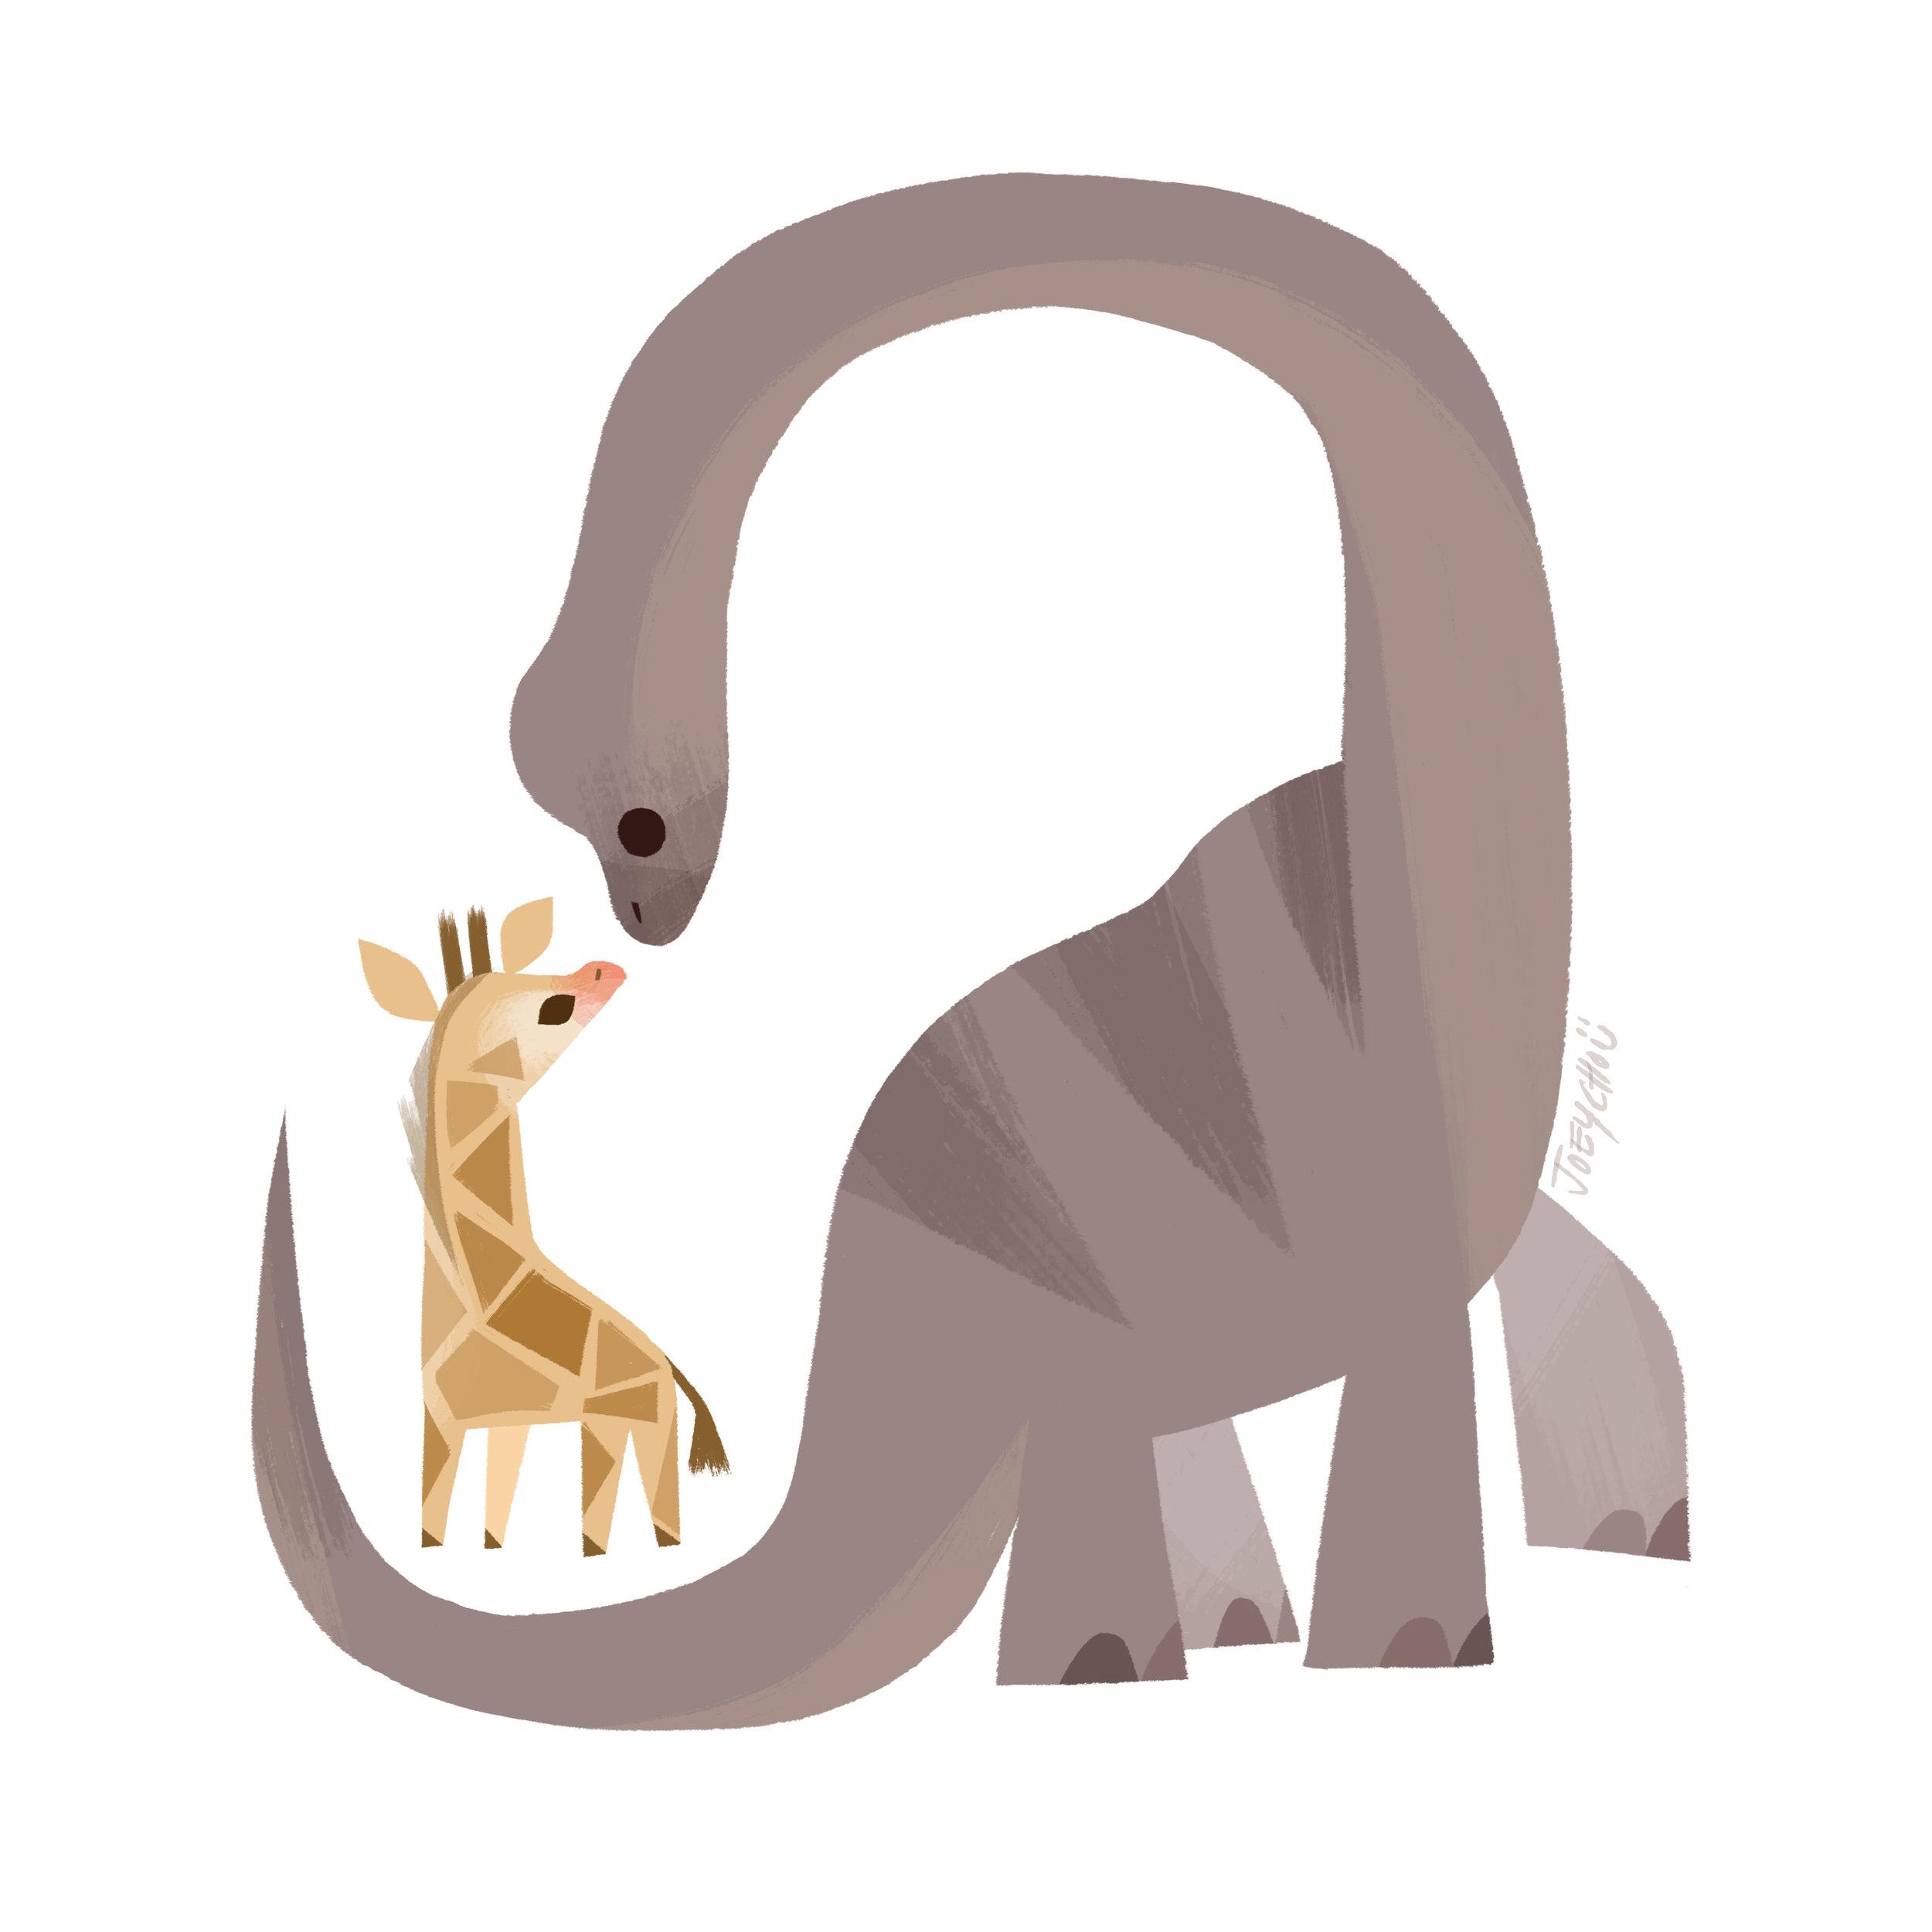 brachiosaurus_baby_giraffe.jpg